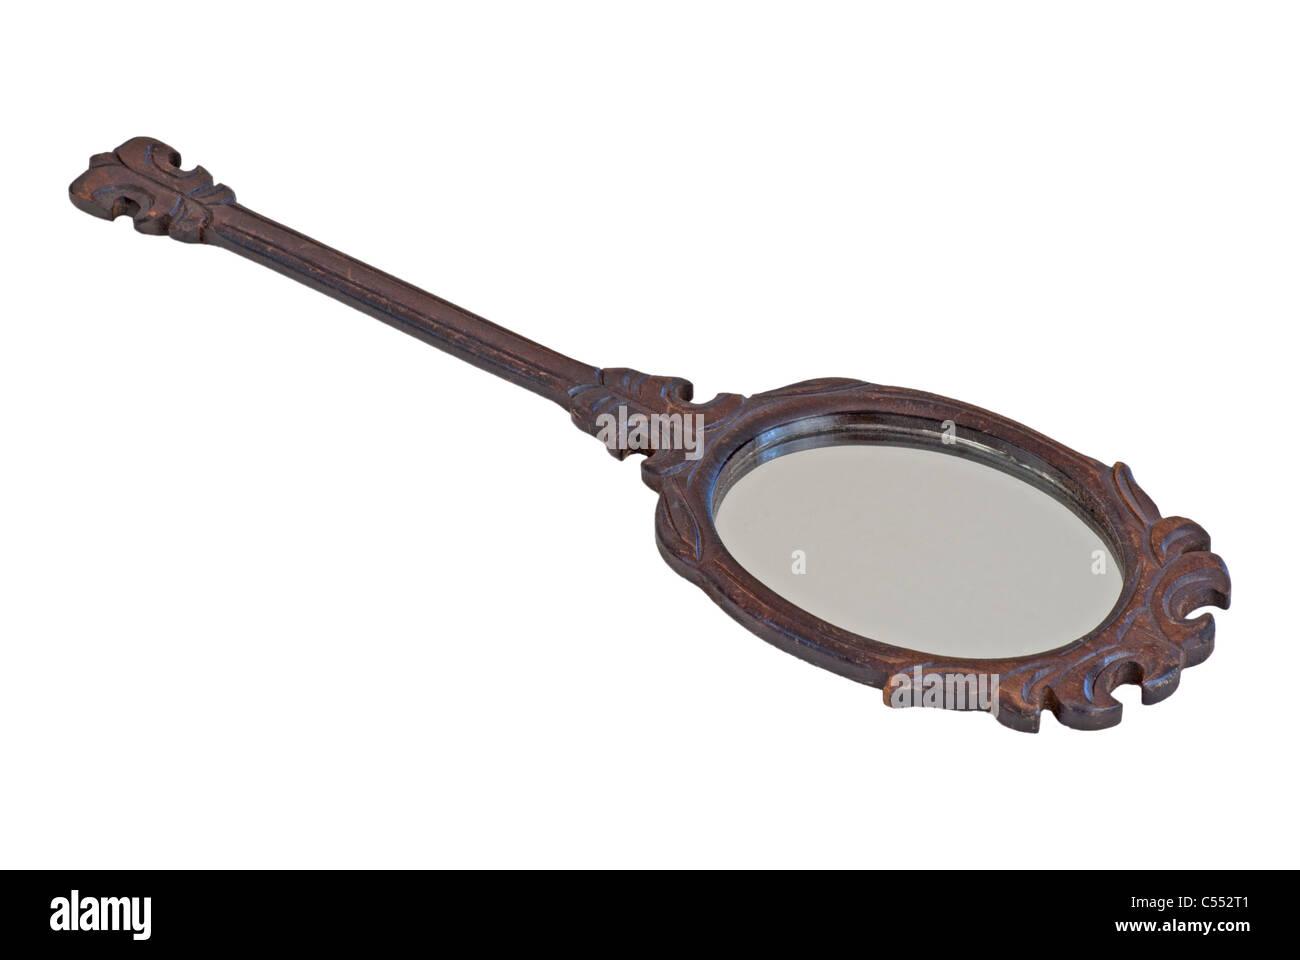 Vintage specchio a mano con legno intagliato trim. Immagini Stock